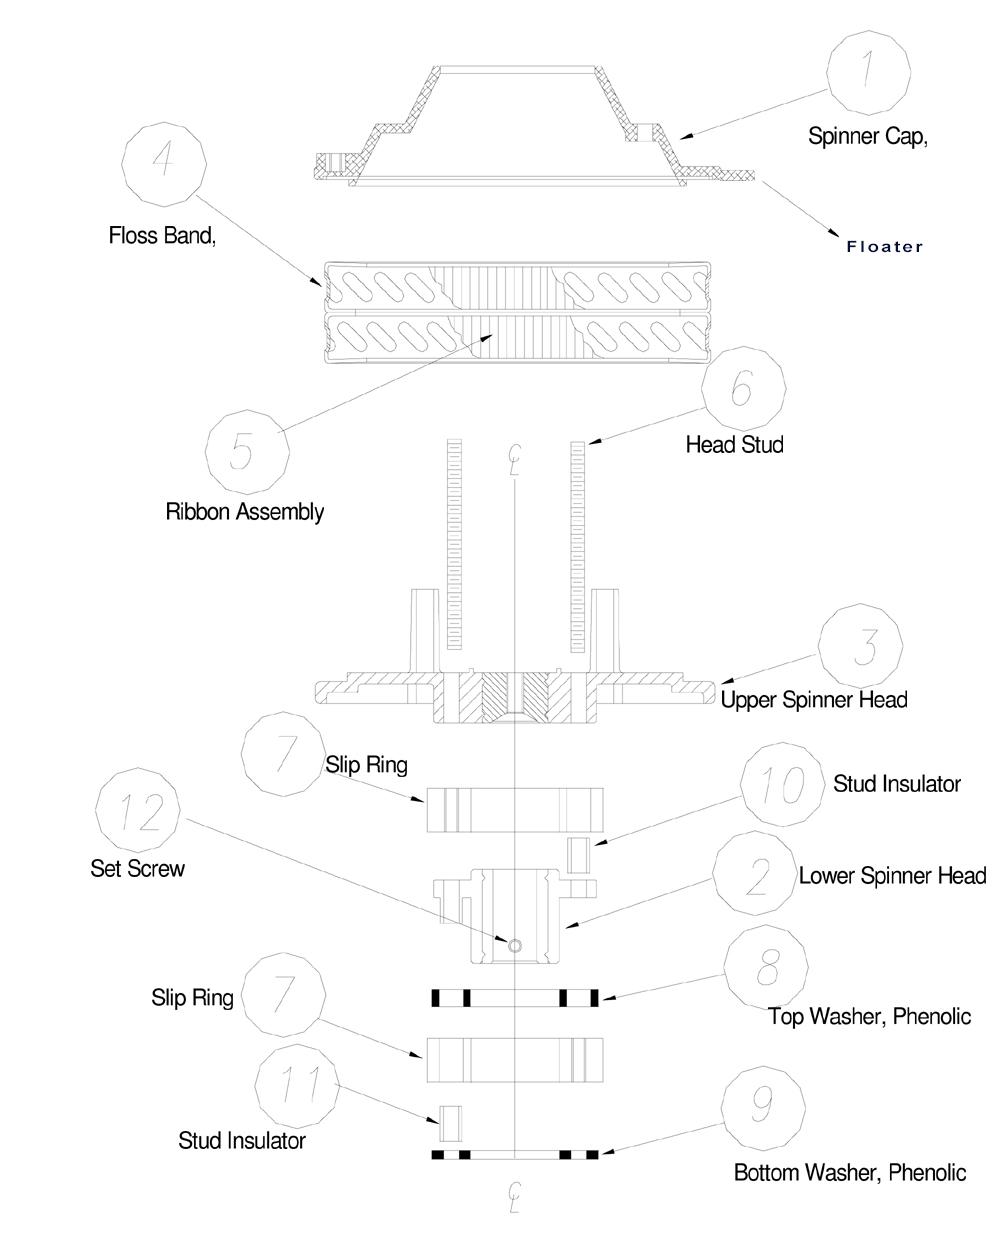 cotton candy machine parts breakdown